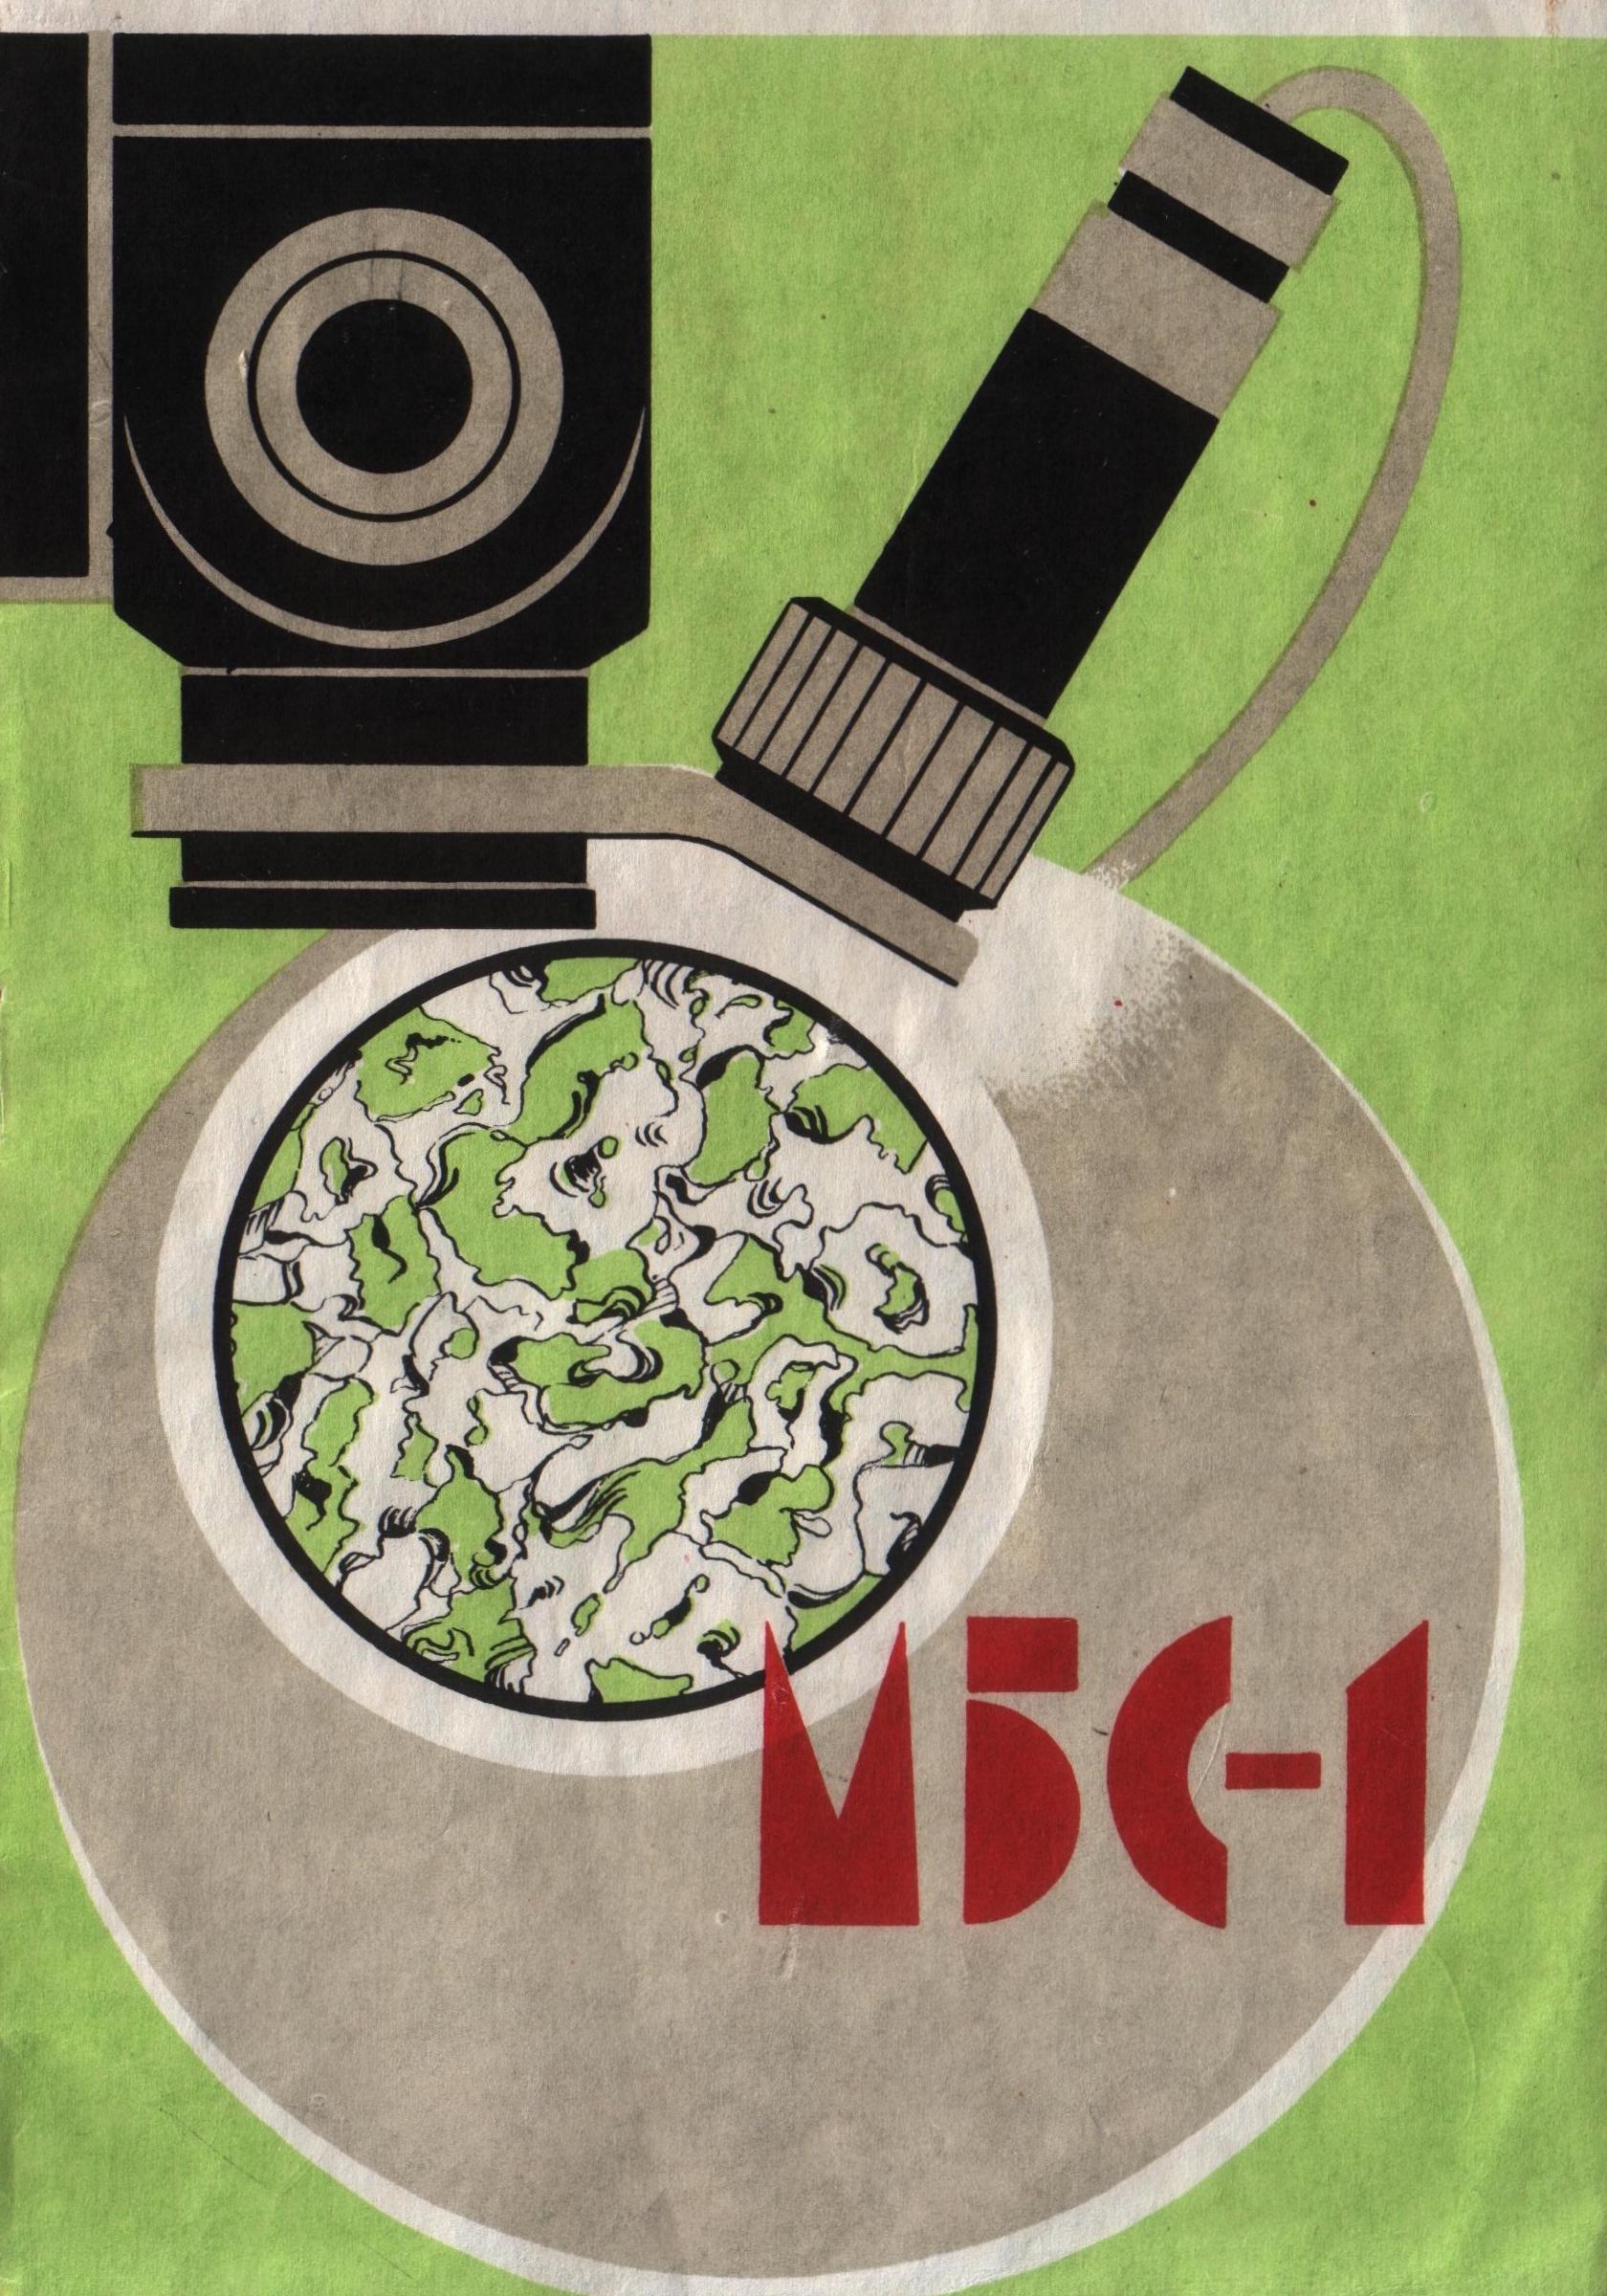 микроскоп мбс-1 инструкция